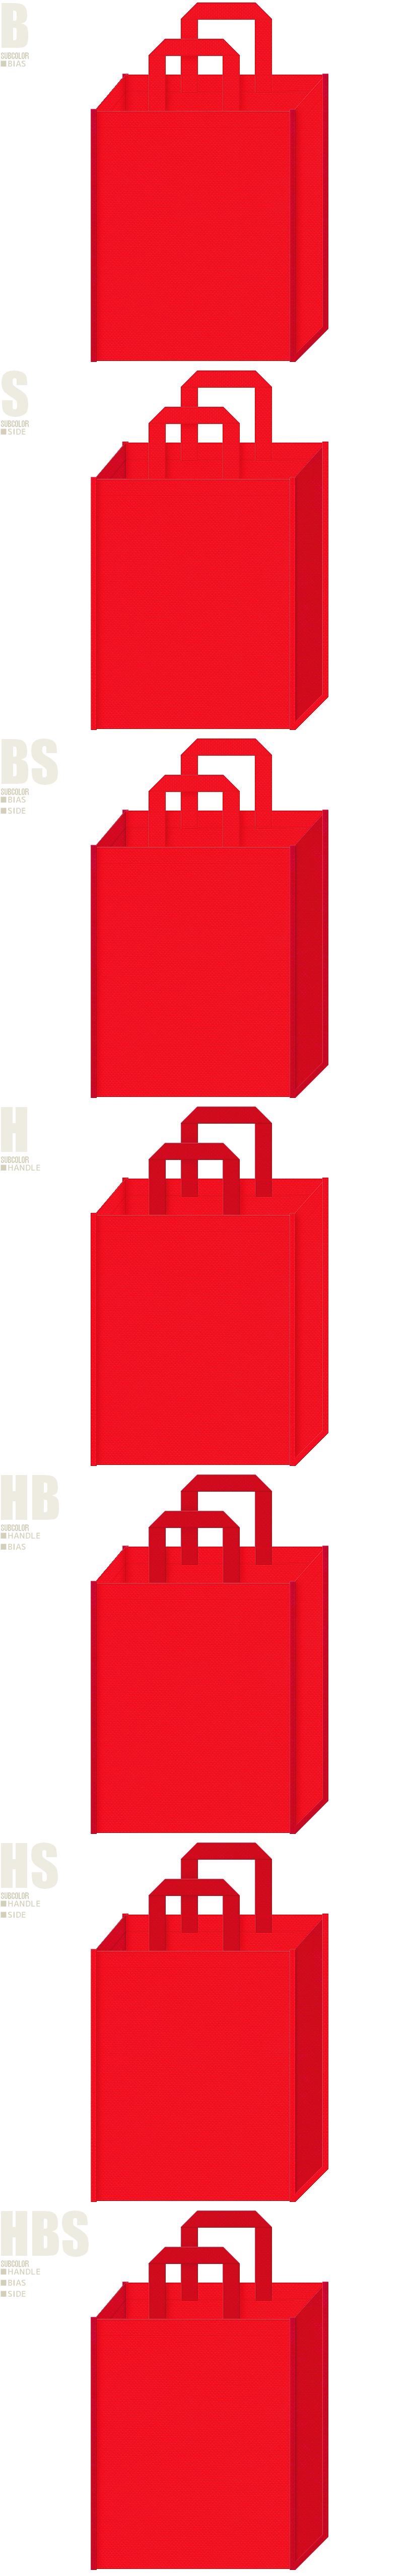 赤色と紅色、7パターンの不織布トートバッグ配色デザイン例。